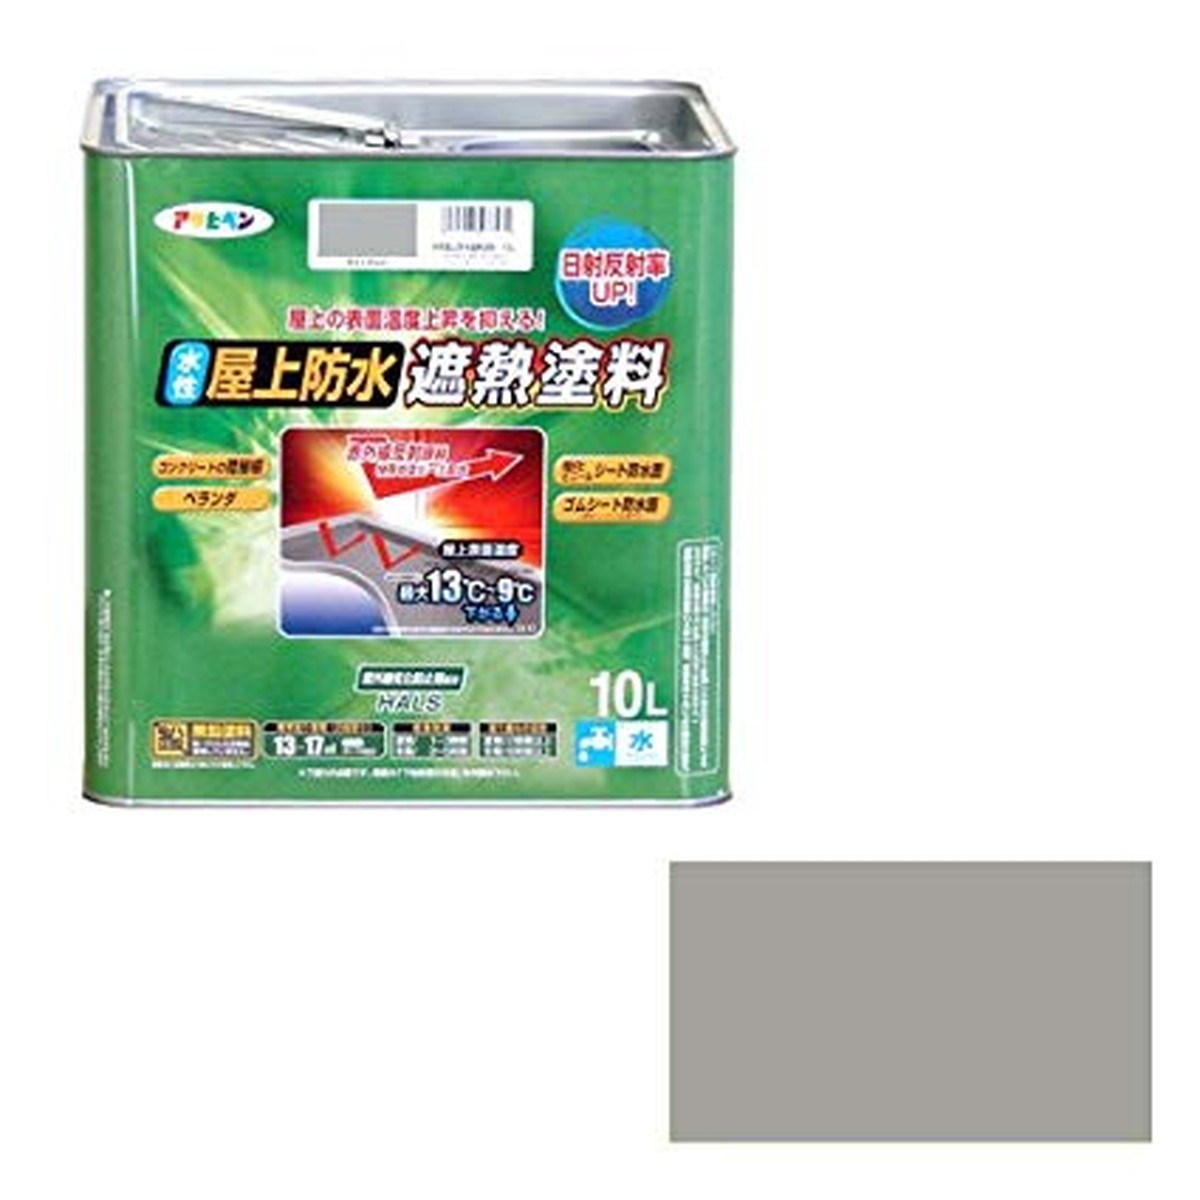 アサヒペン ペンキ 水性屋上防水遮熱塗料 ライトグレー 10L